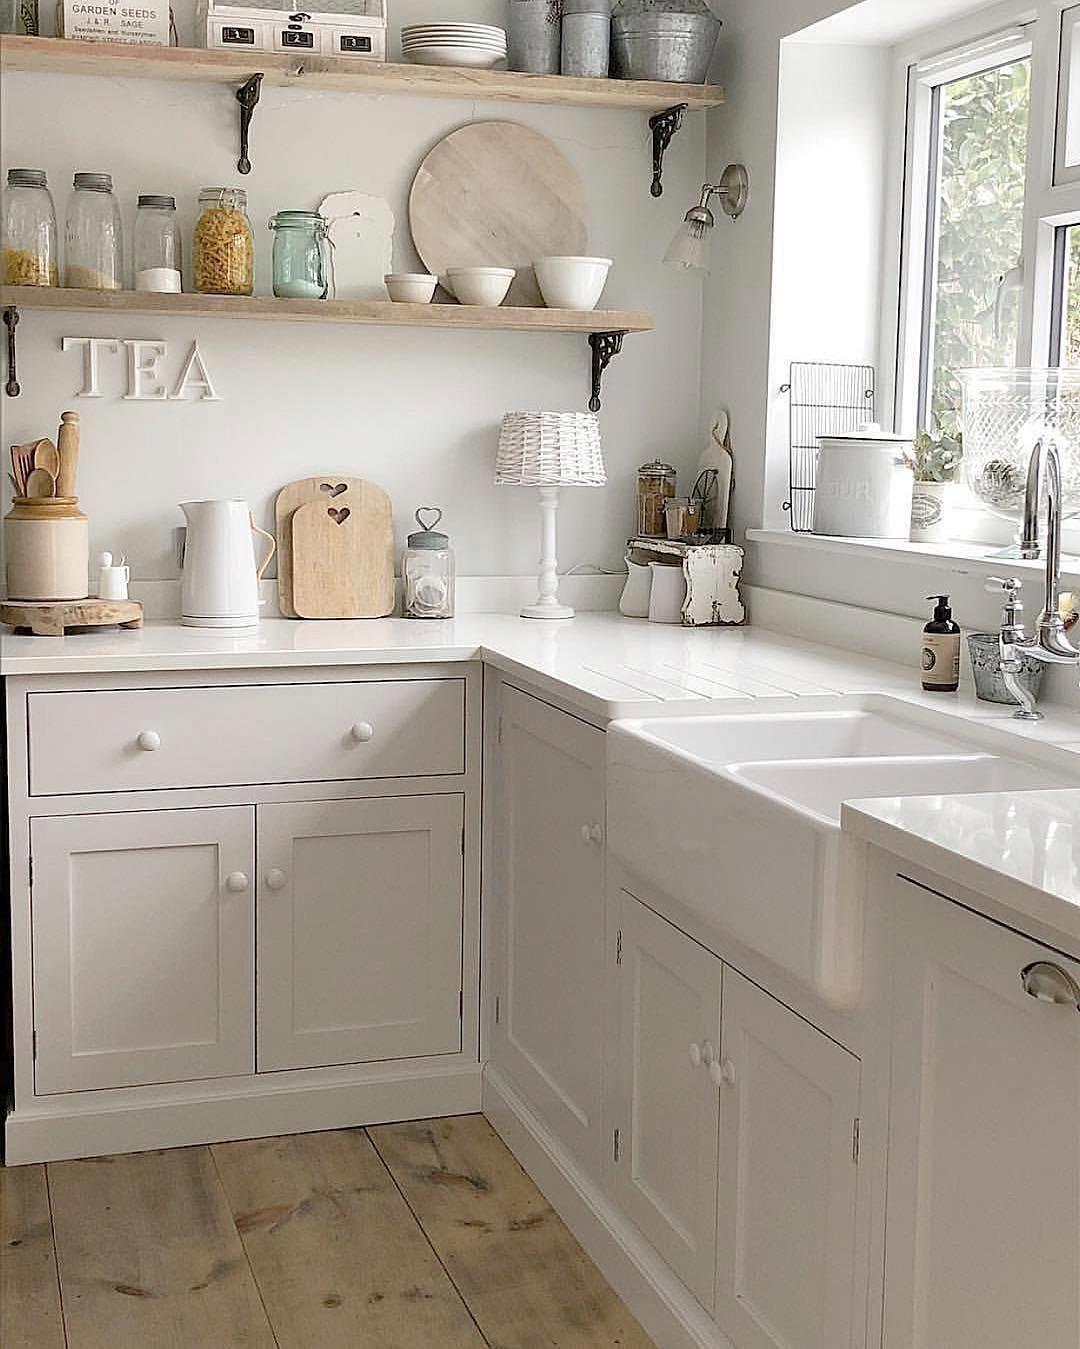 Best Tiny Kitchen Design Ideas Insplosion Small Country Kitchens Small Cottage Kitchen Tiny Kitchen Design